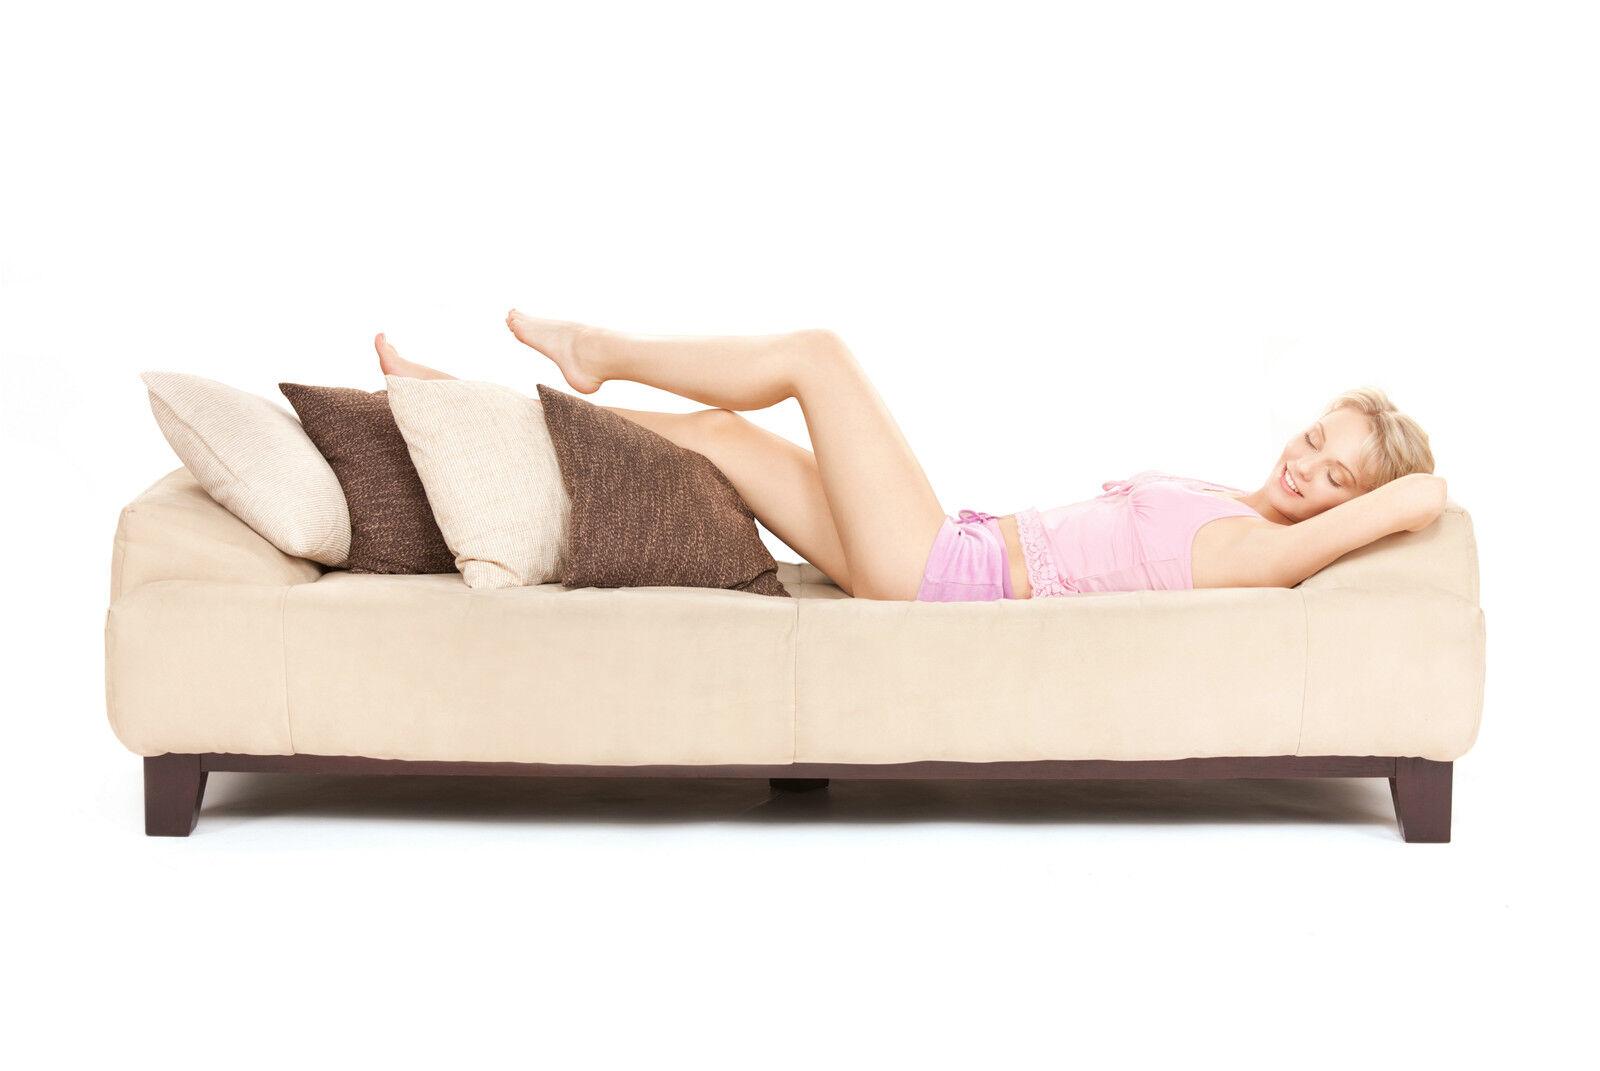 gute schlafsofas tag und nacht auf der couch ebay. Black Bedroom Furniture Sets. Home Design Ideas